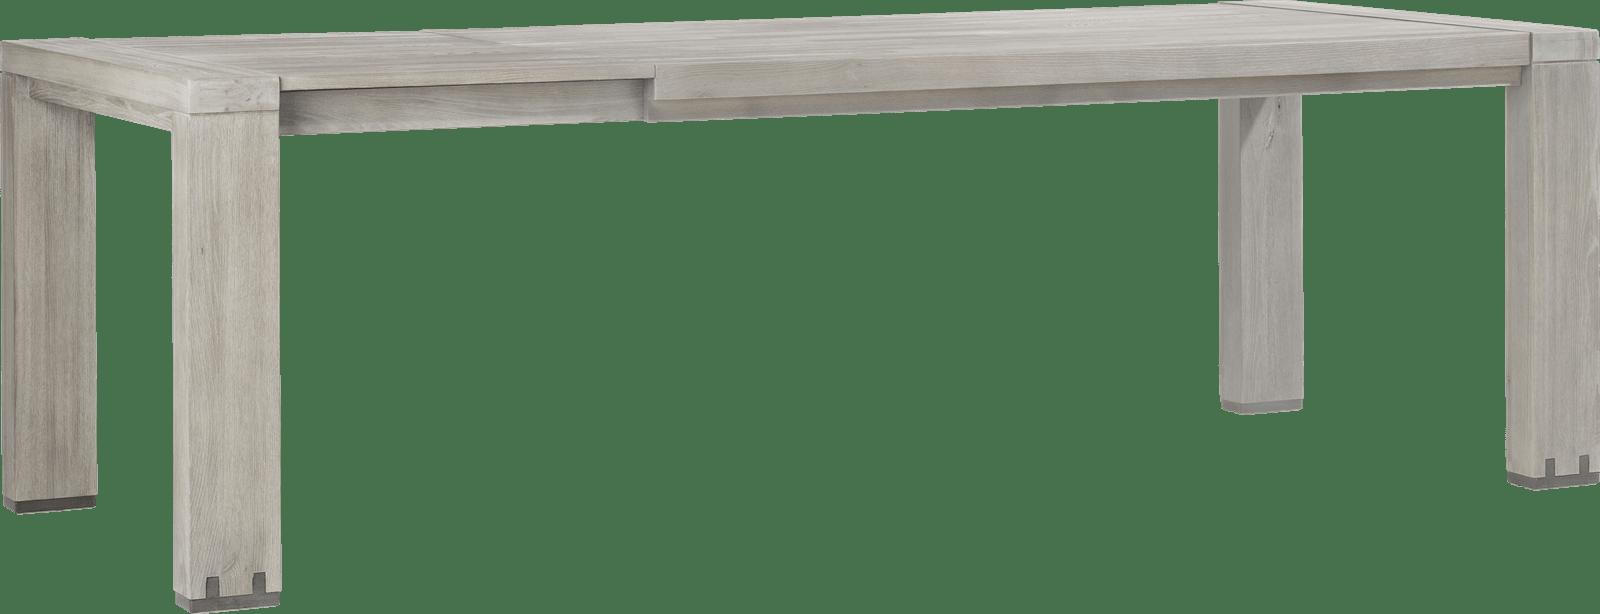 Avola - uitschuiftafel 190 (+ 60) x 100 cm